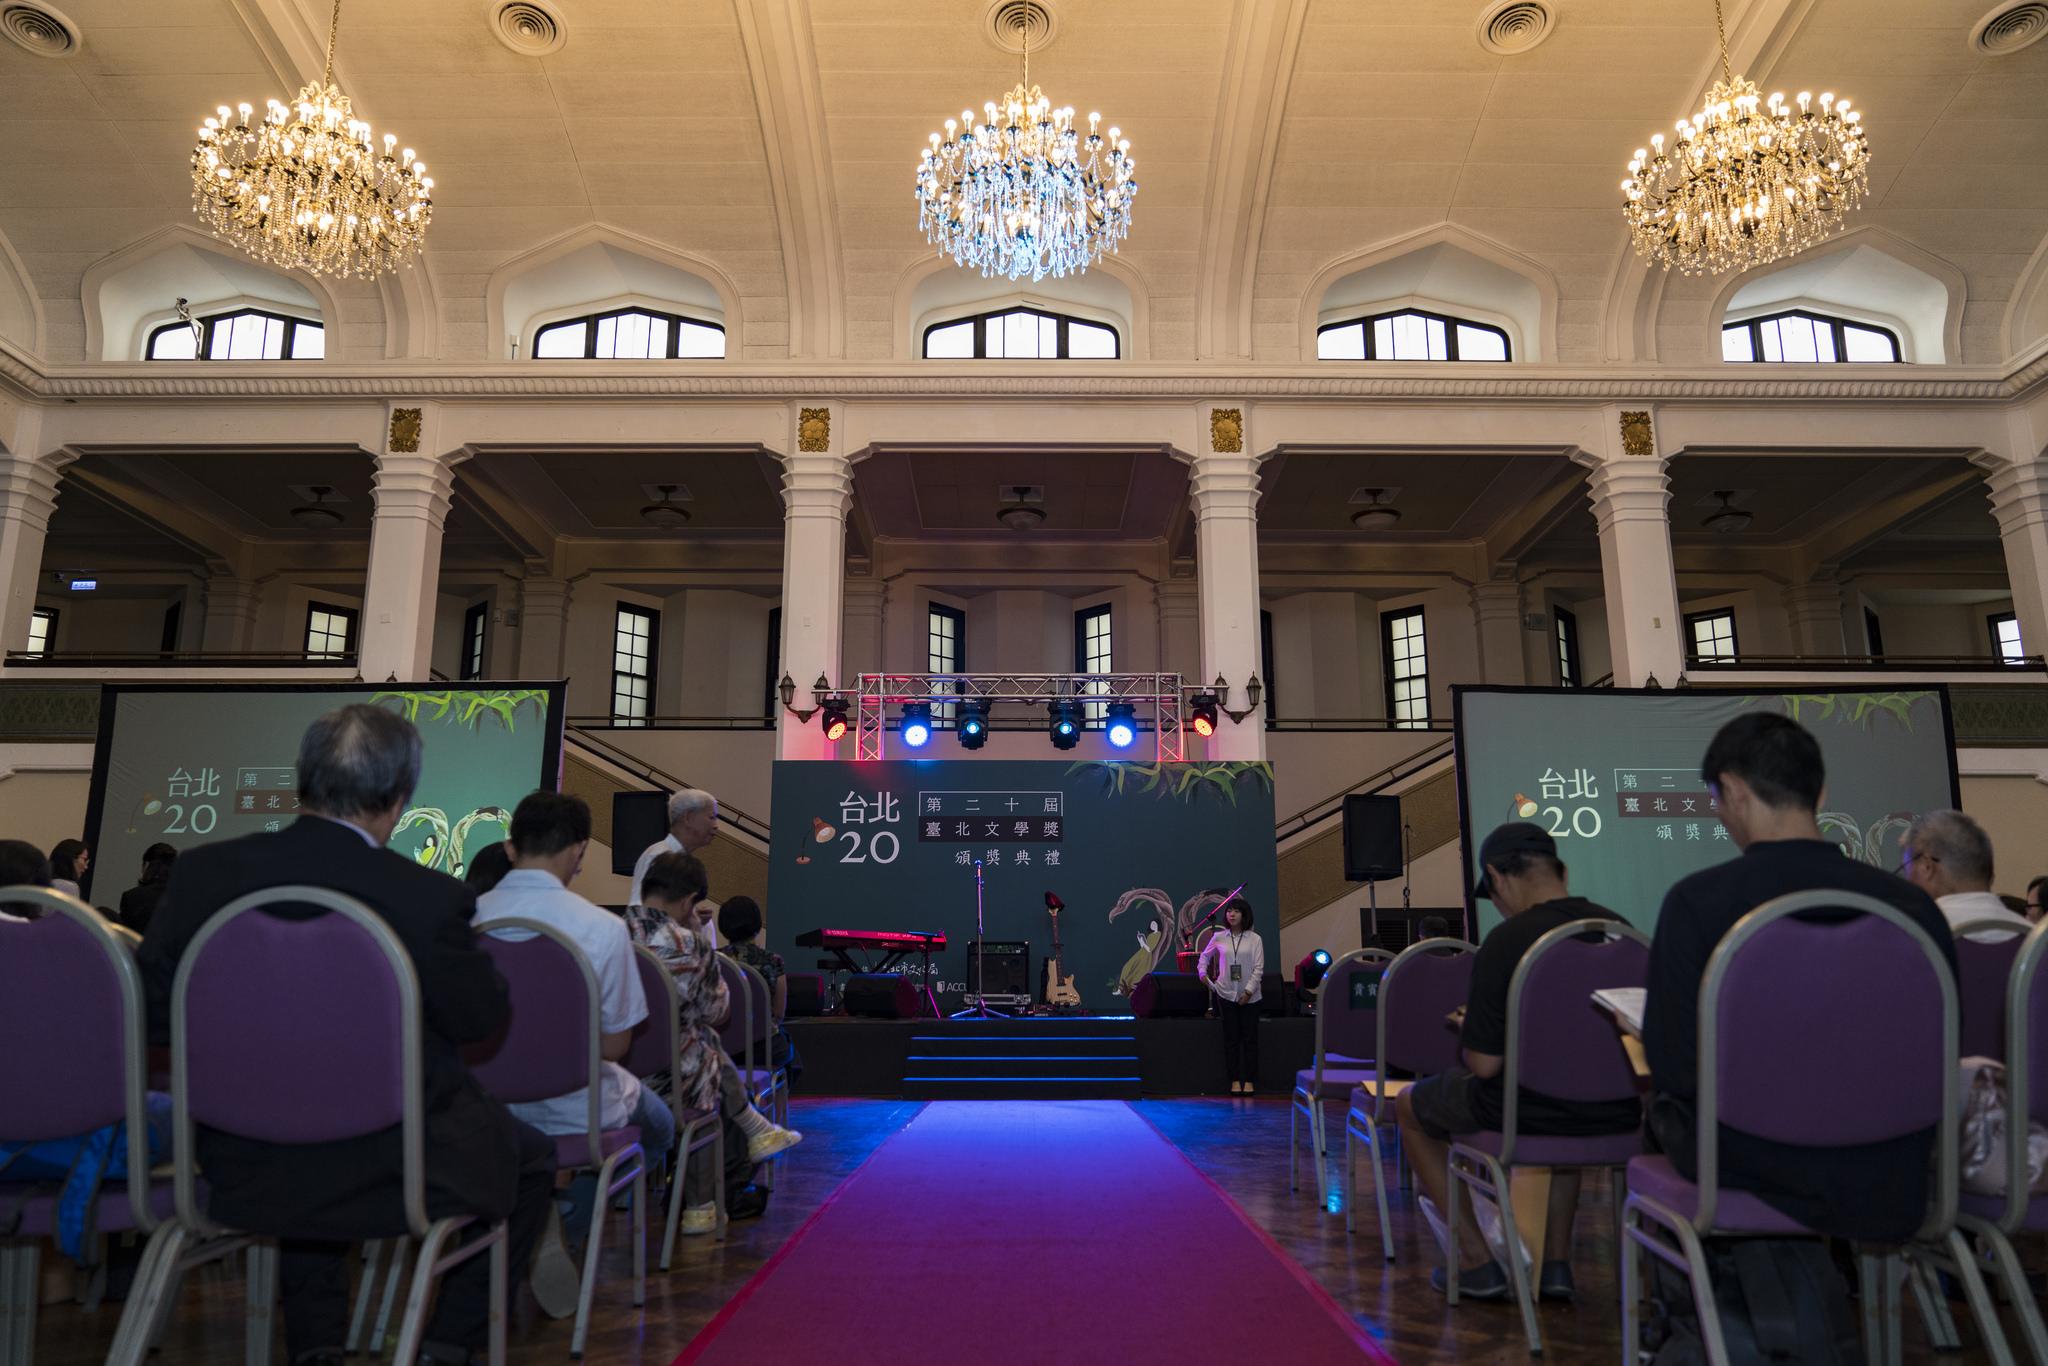 【台北文學獎20週年】相聚此刻,編織我們的台北故事。「文學獎成年禮」典禮回顧